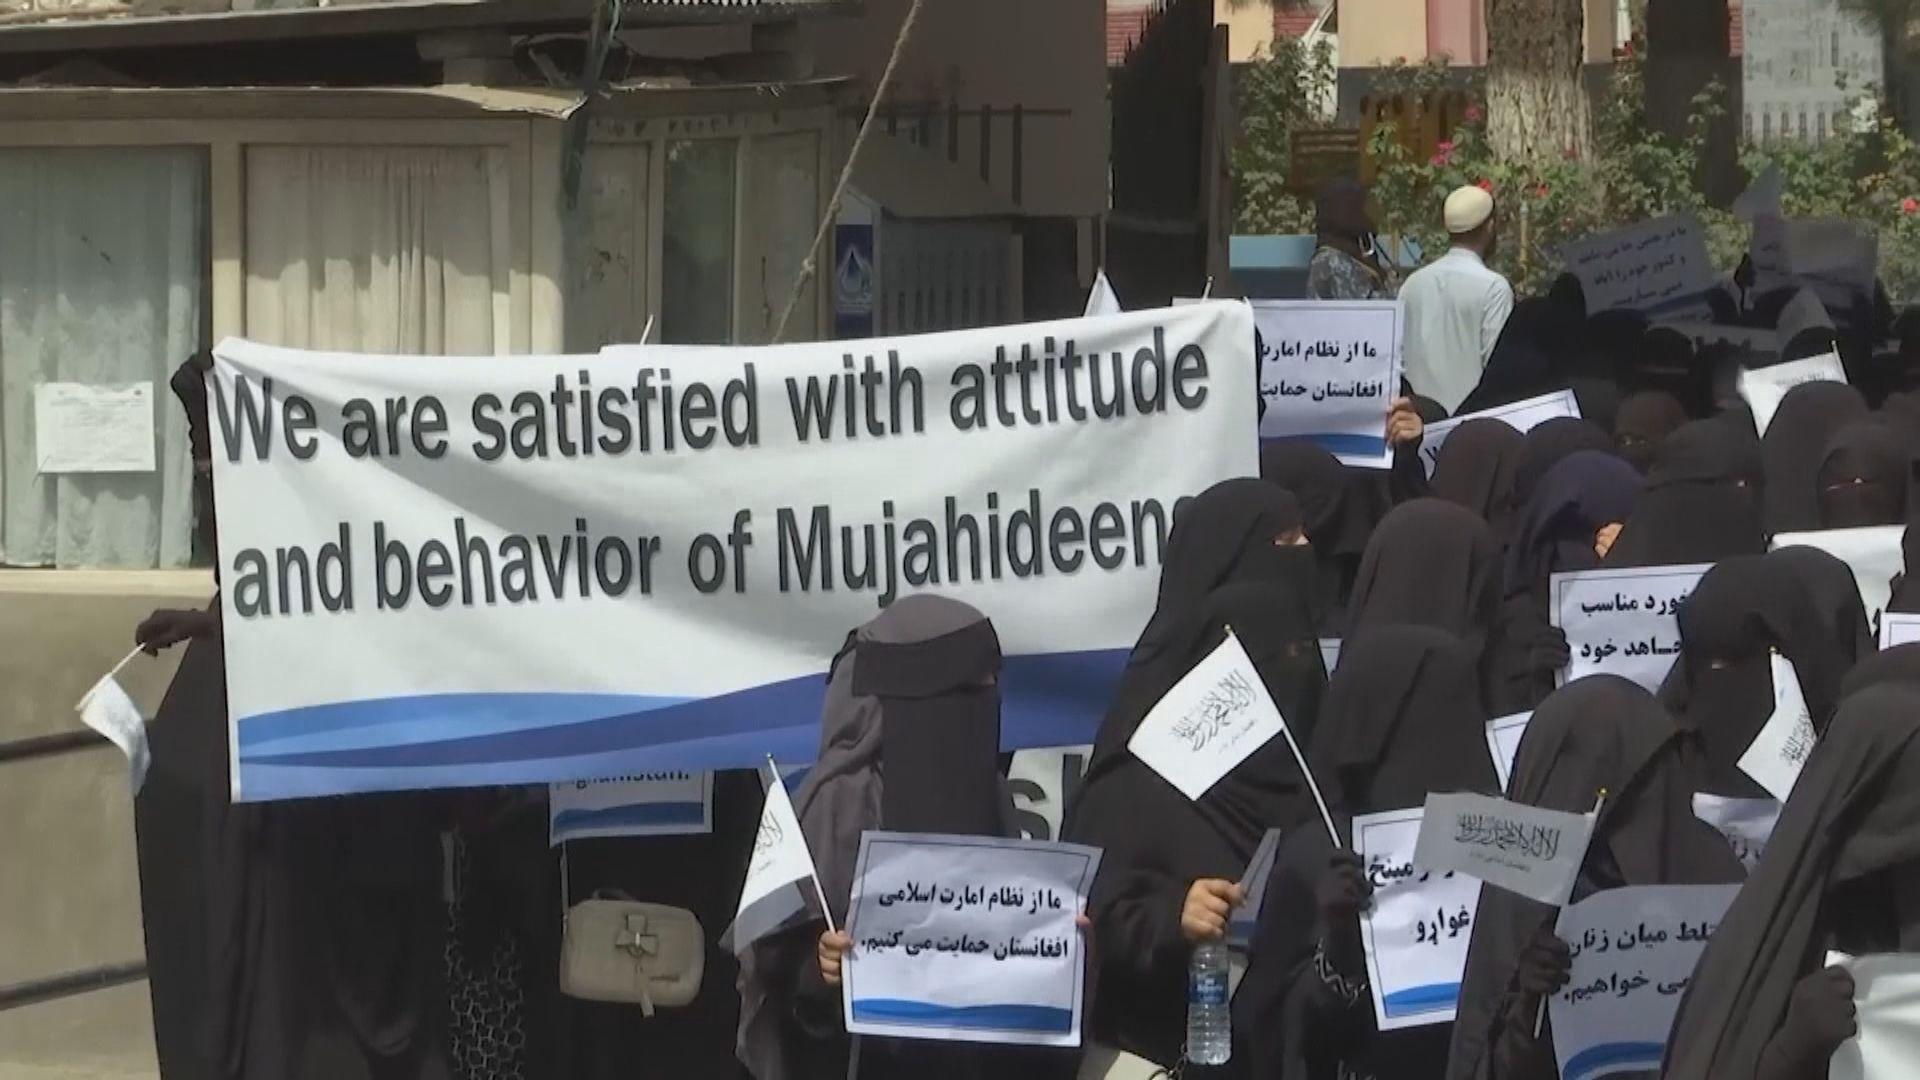 阿富汗女大學生遊行撐塔利班政權